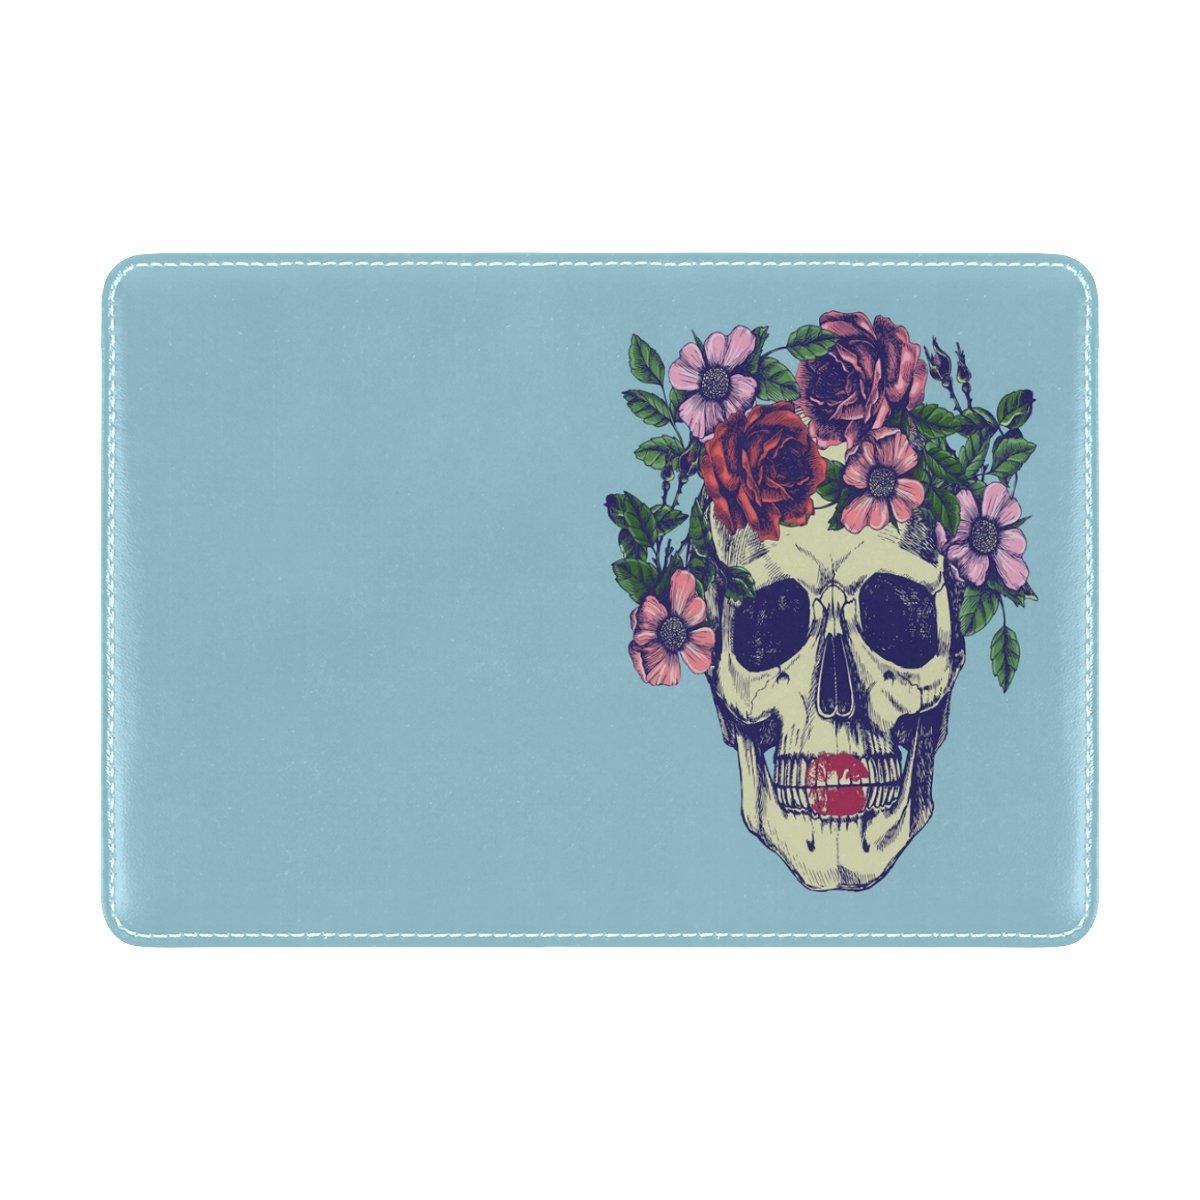 ALAZA Sugar Skull Floral Leather Passport Holder Cover Case Travel One Pocket